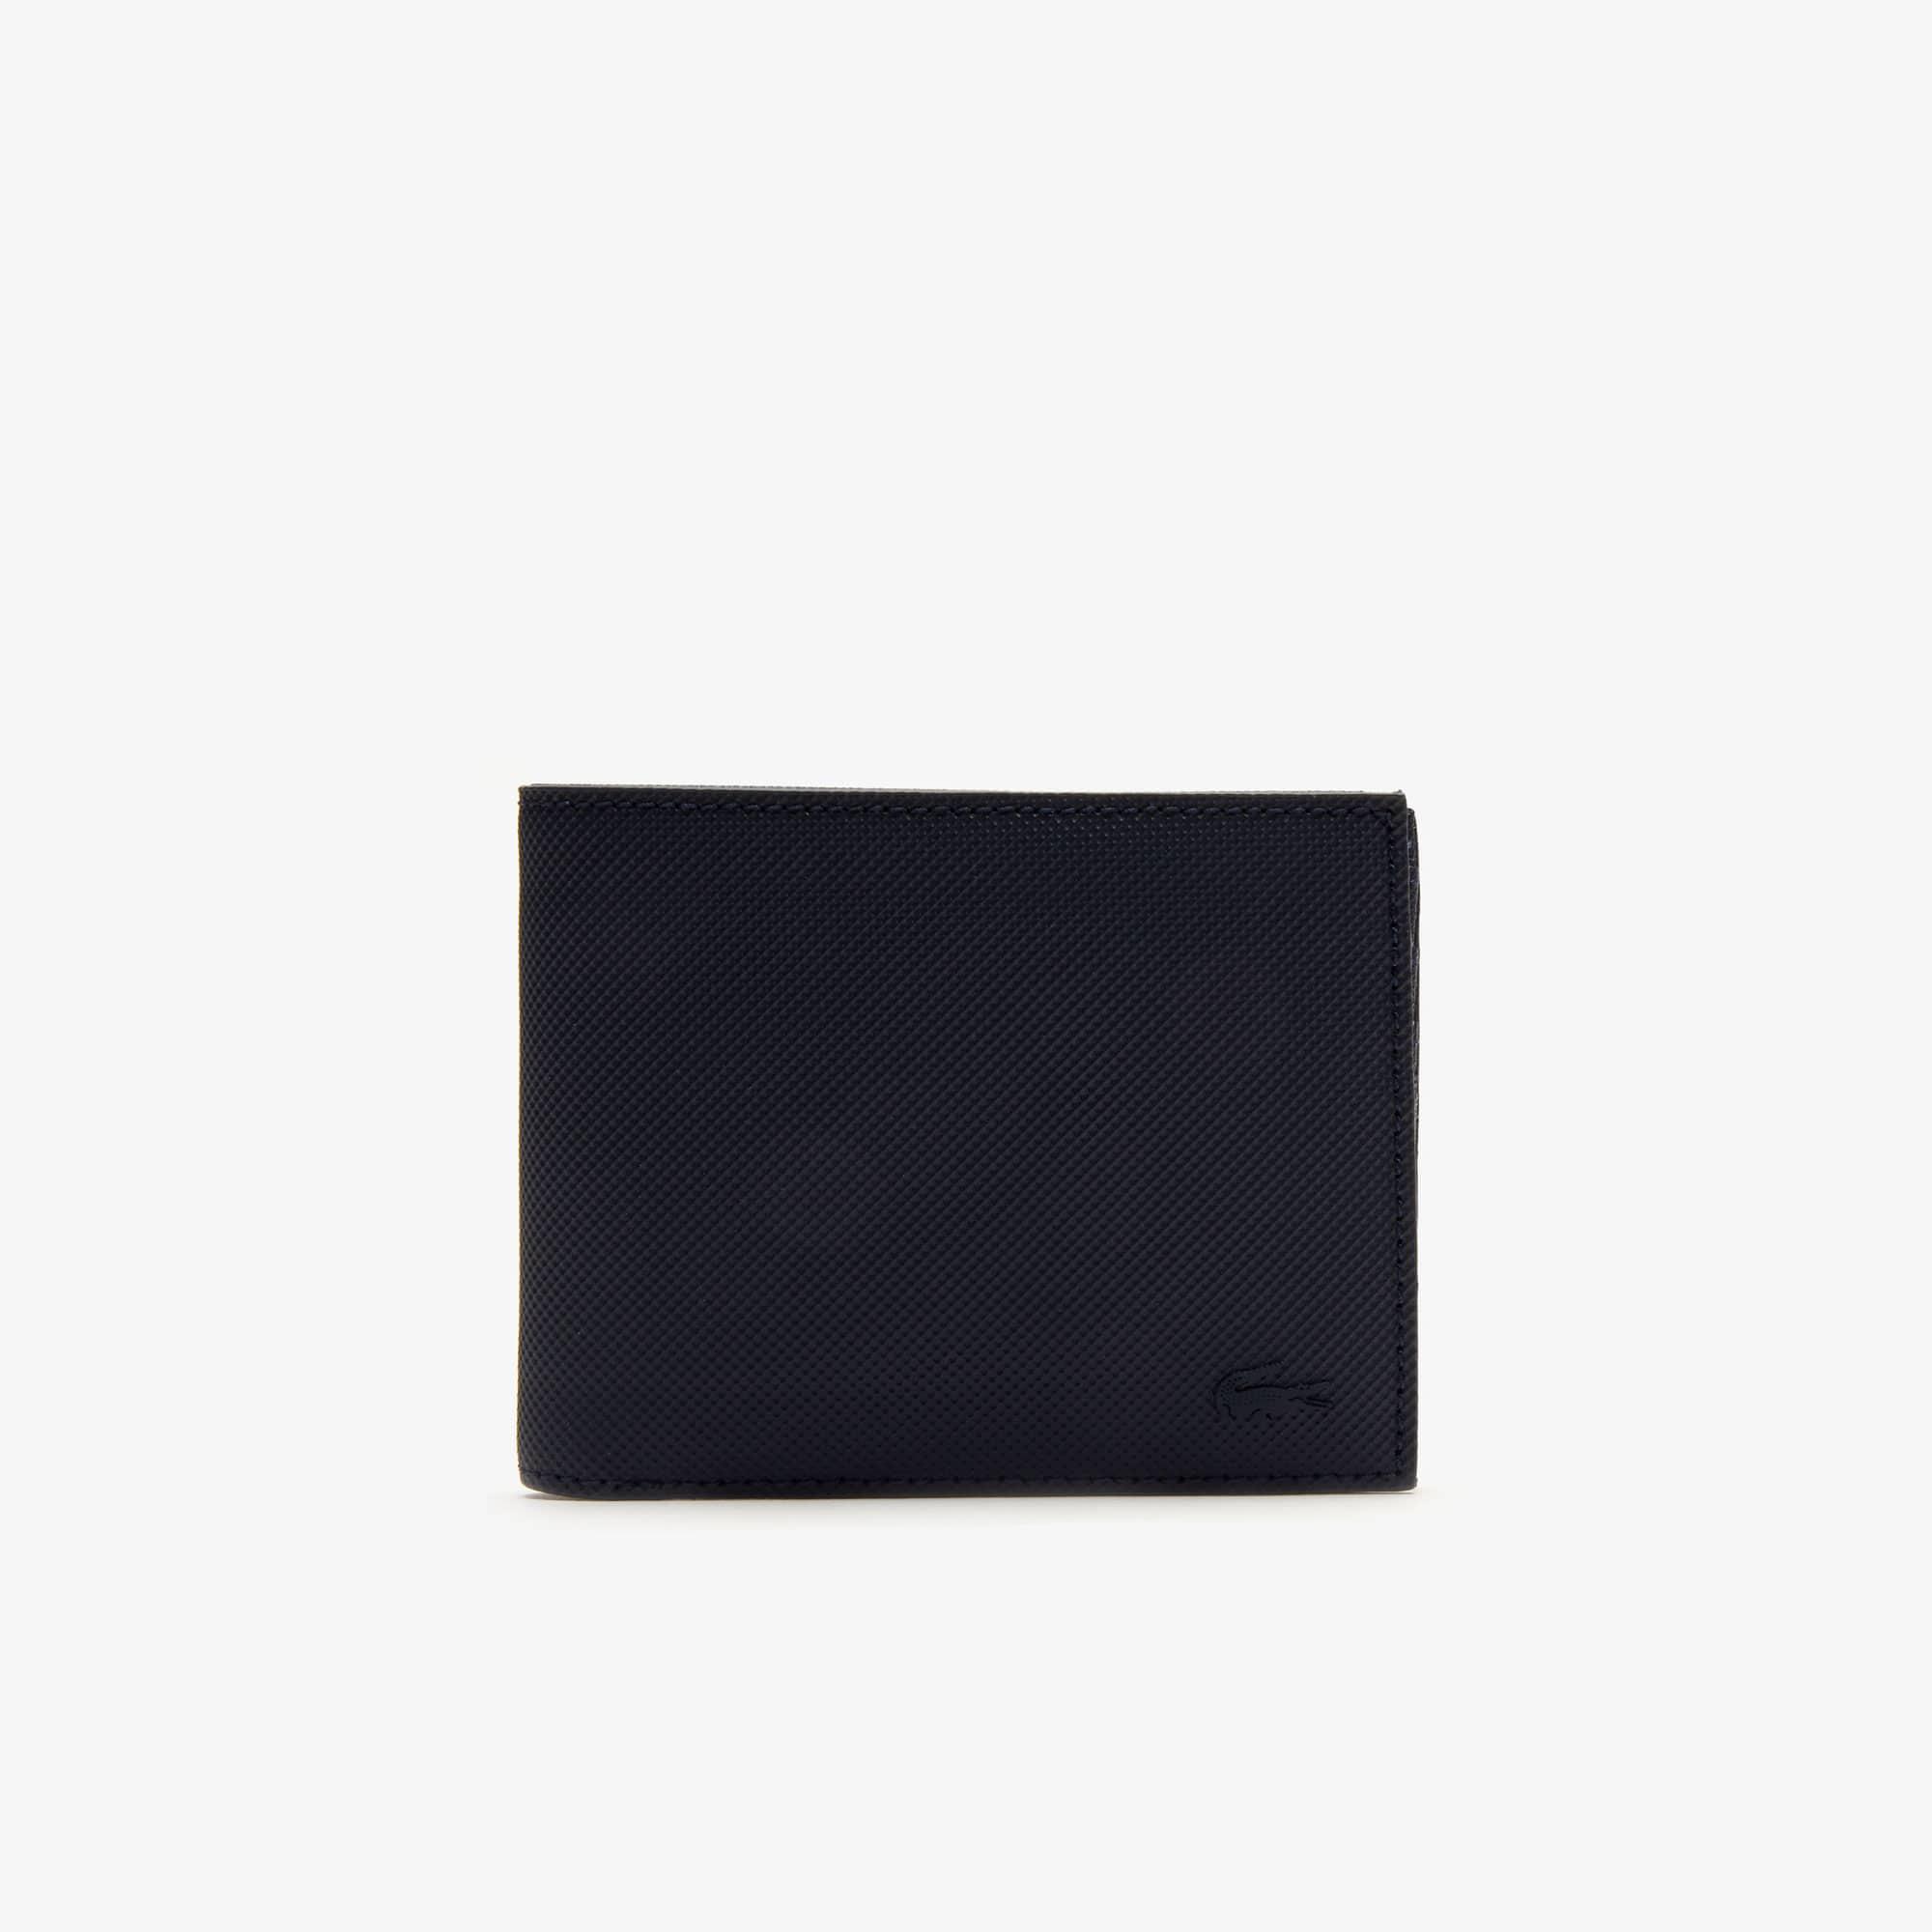 Lacoste Portefeuille Men's Classic en petit piqué uni 6 cartes Taille Taille unique Bleu